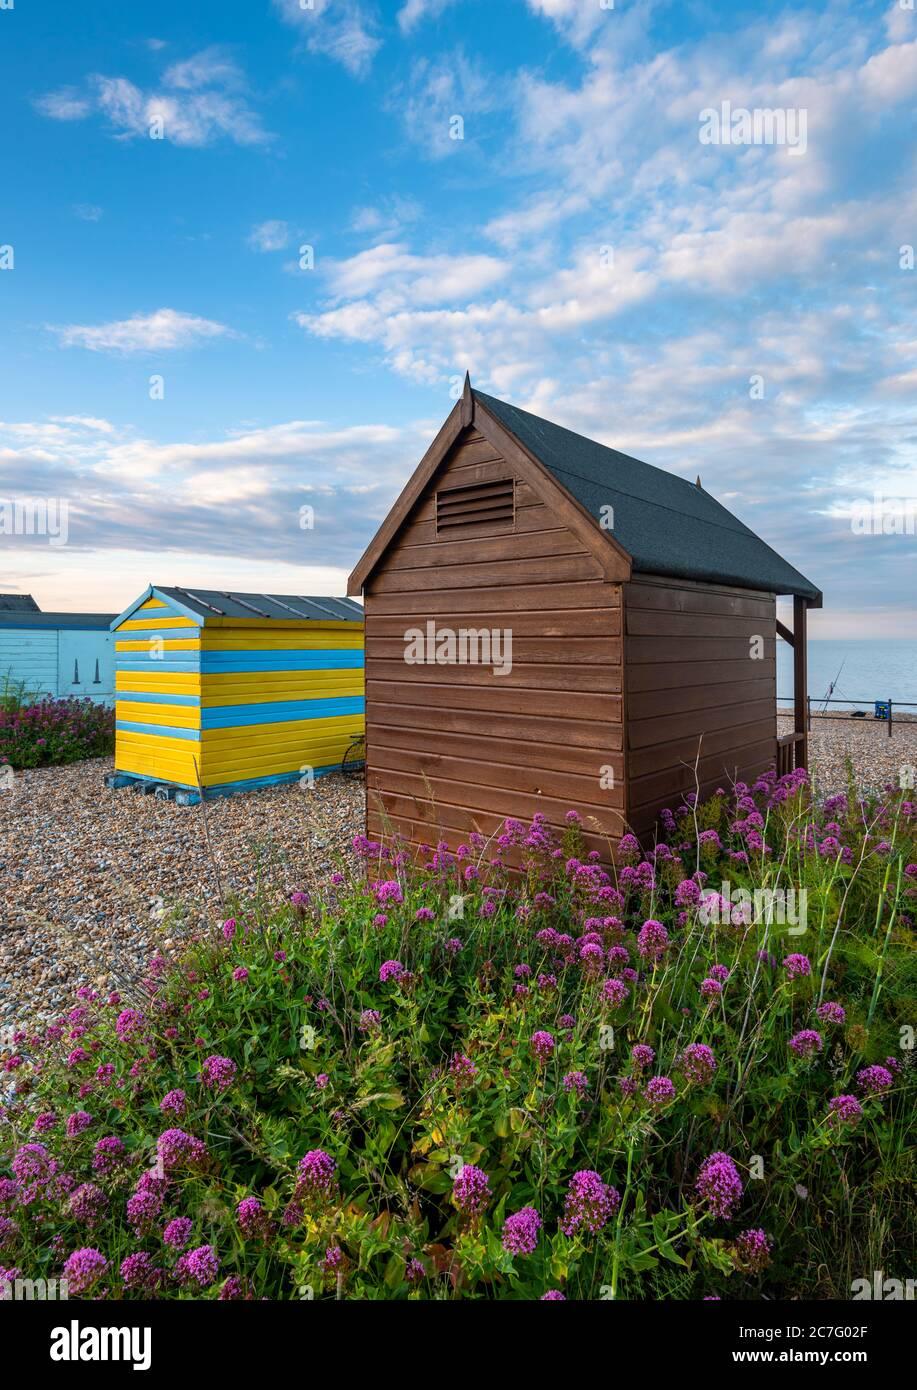 Strandhütten am Kingsdown Strand nahe Deal mit roten Baldrian Blumen im Vordergrund. Stockfoto